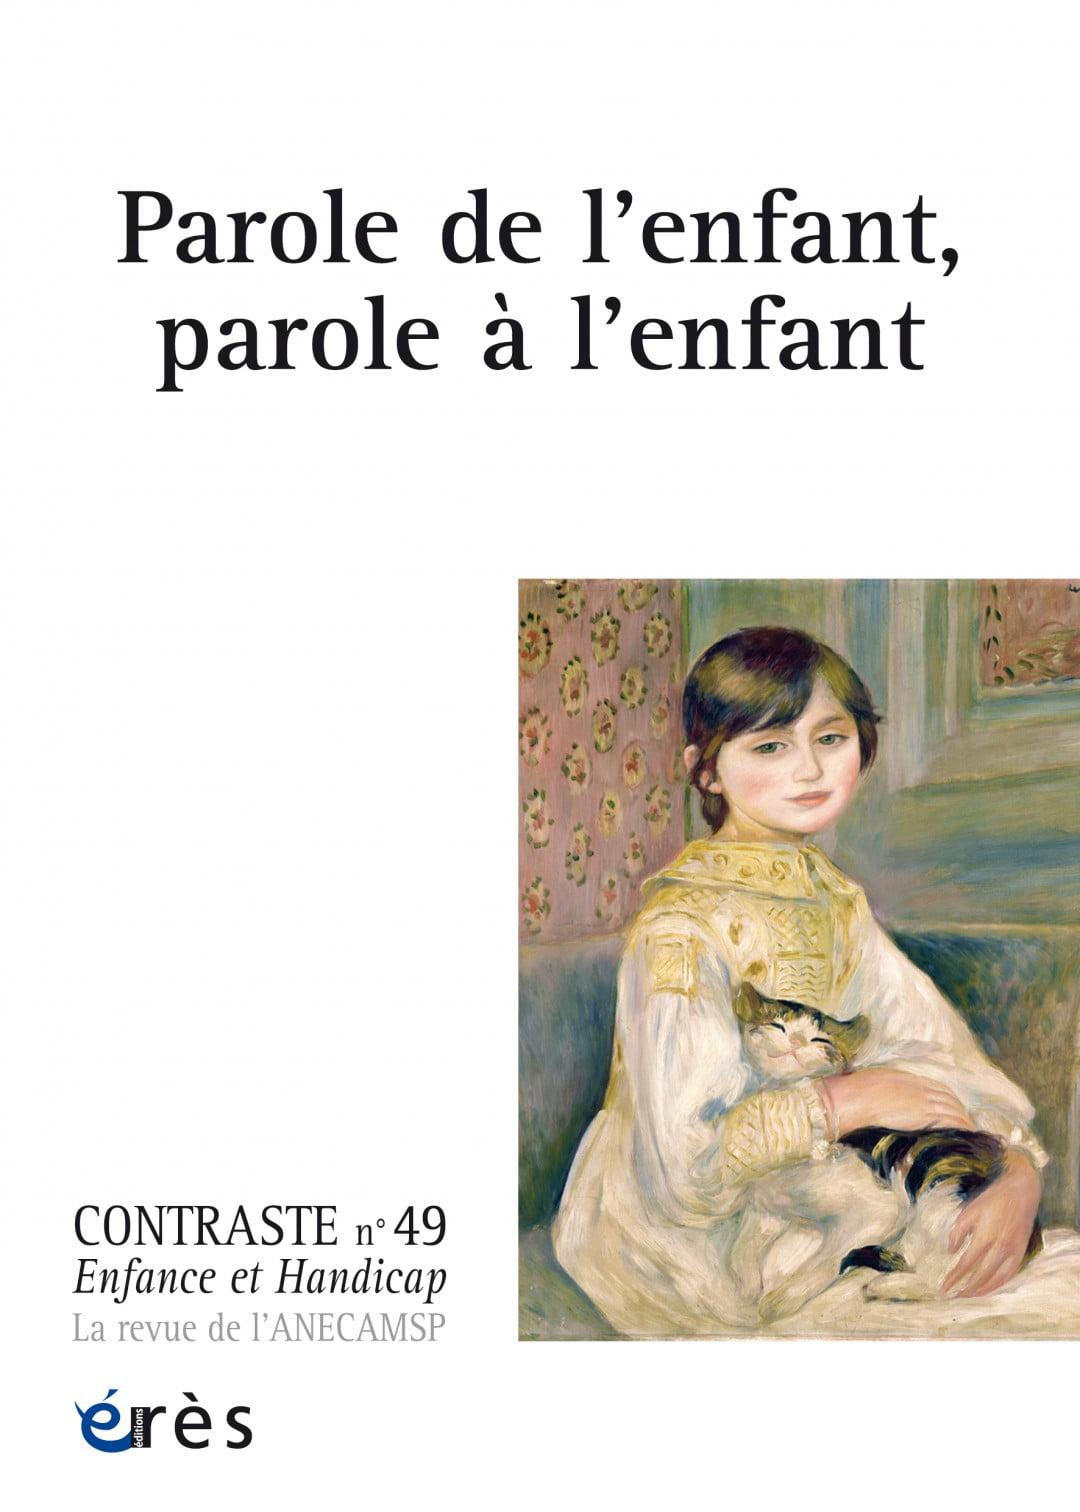 Revue Contraste n°49